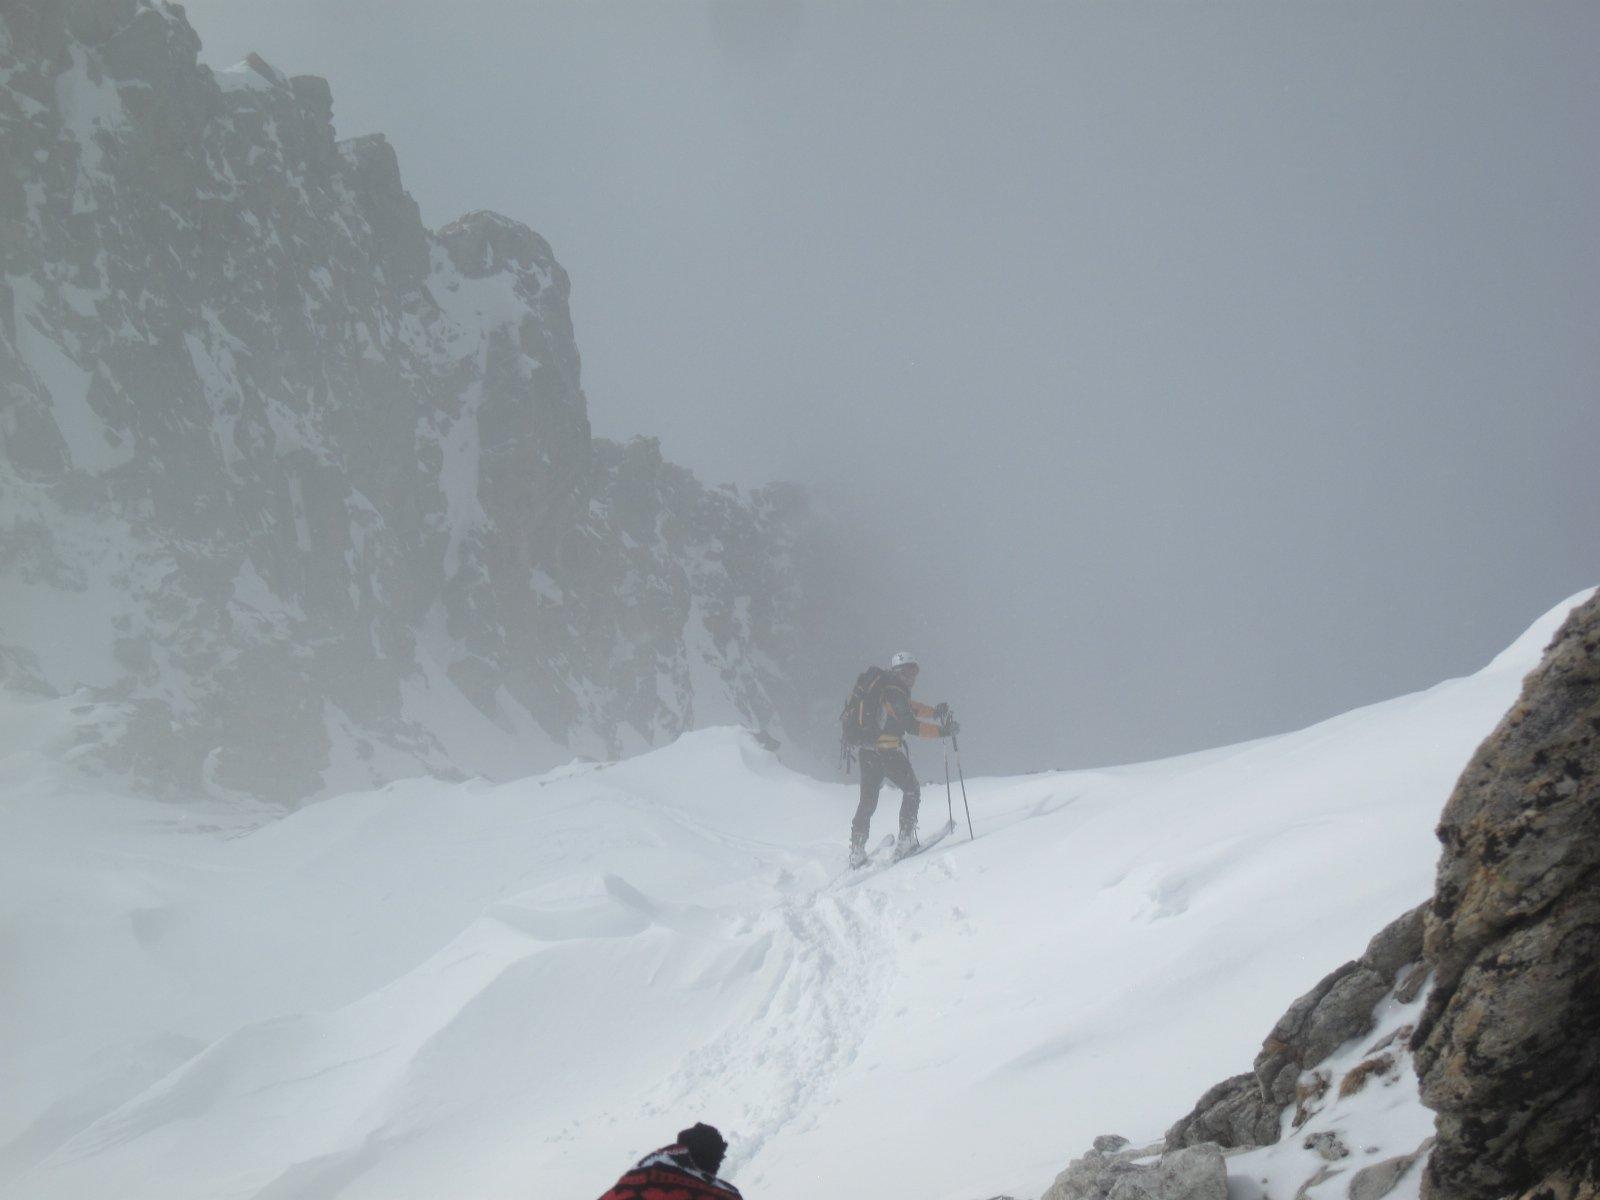 inizio discesa nella nebbia